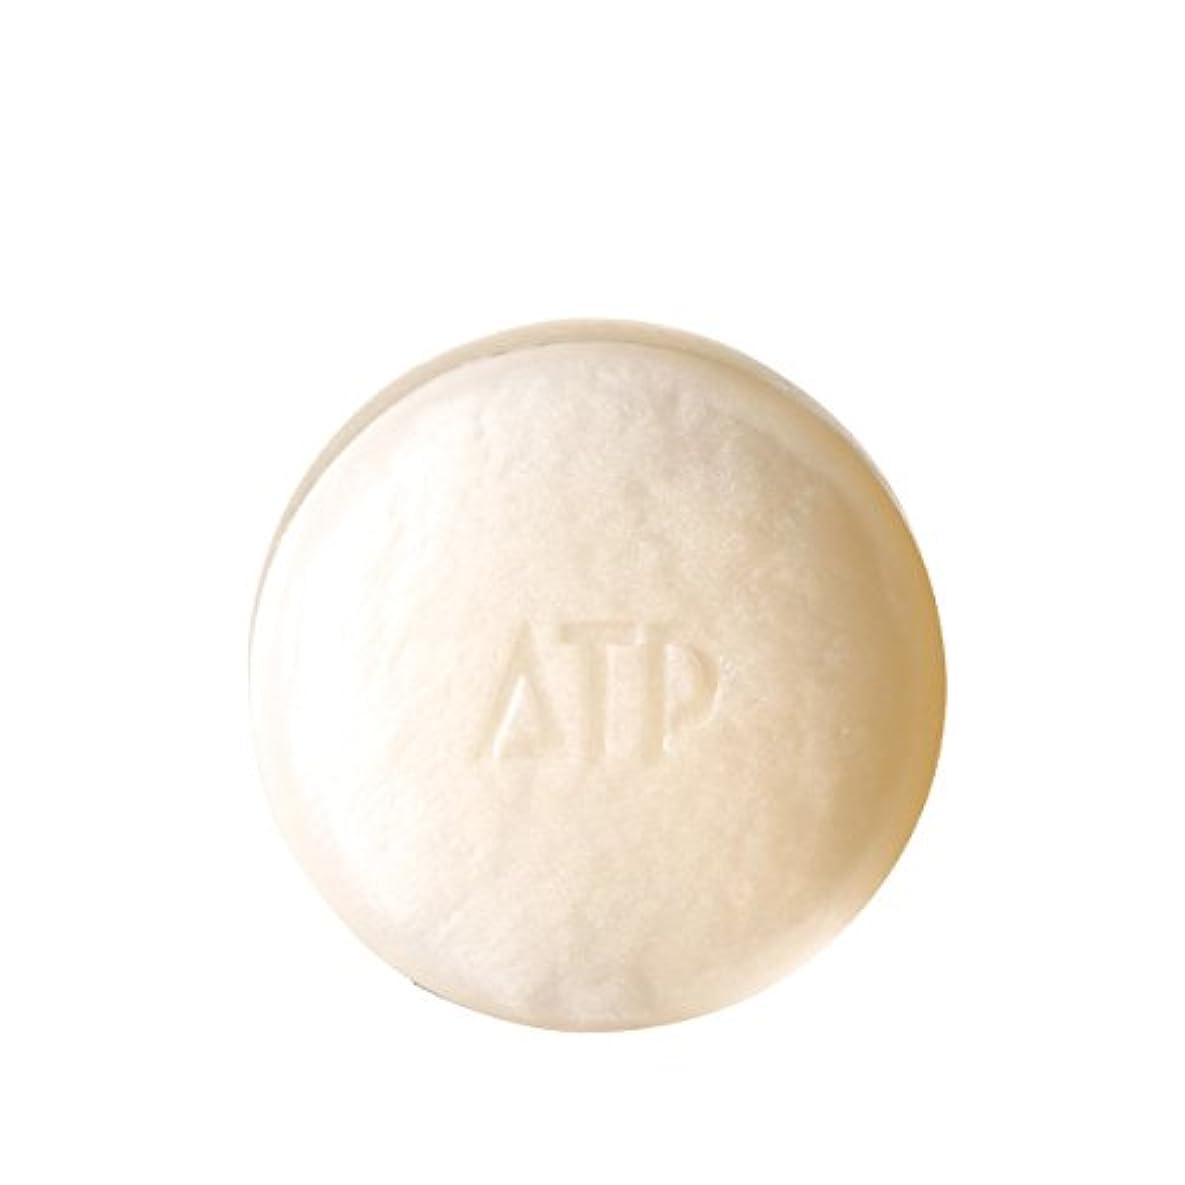 返還きらきら標高ラシンシア ATP デリケアソープ 100g 【全身用洗浄石けん】